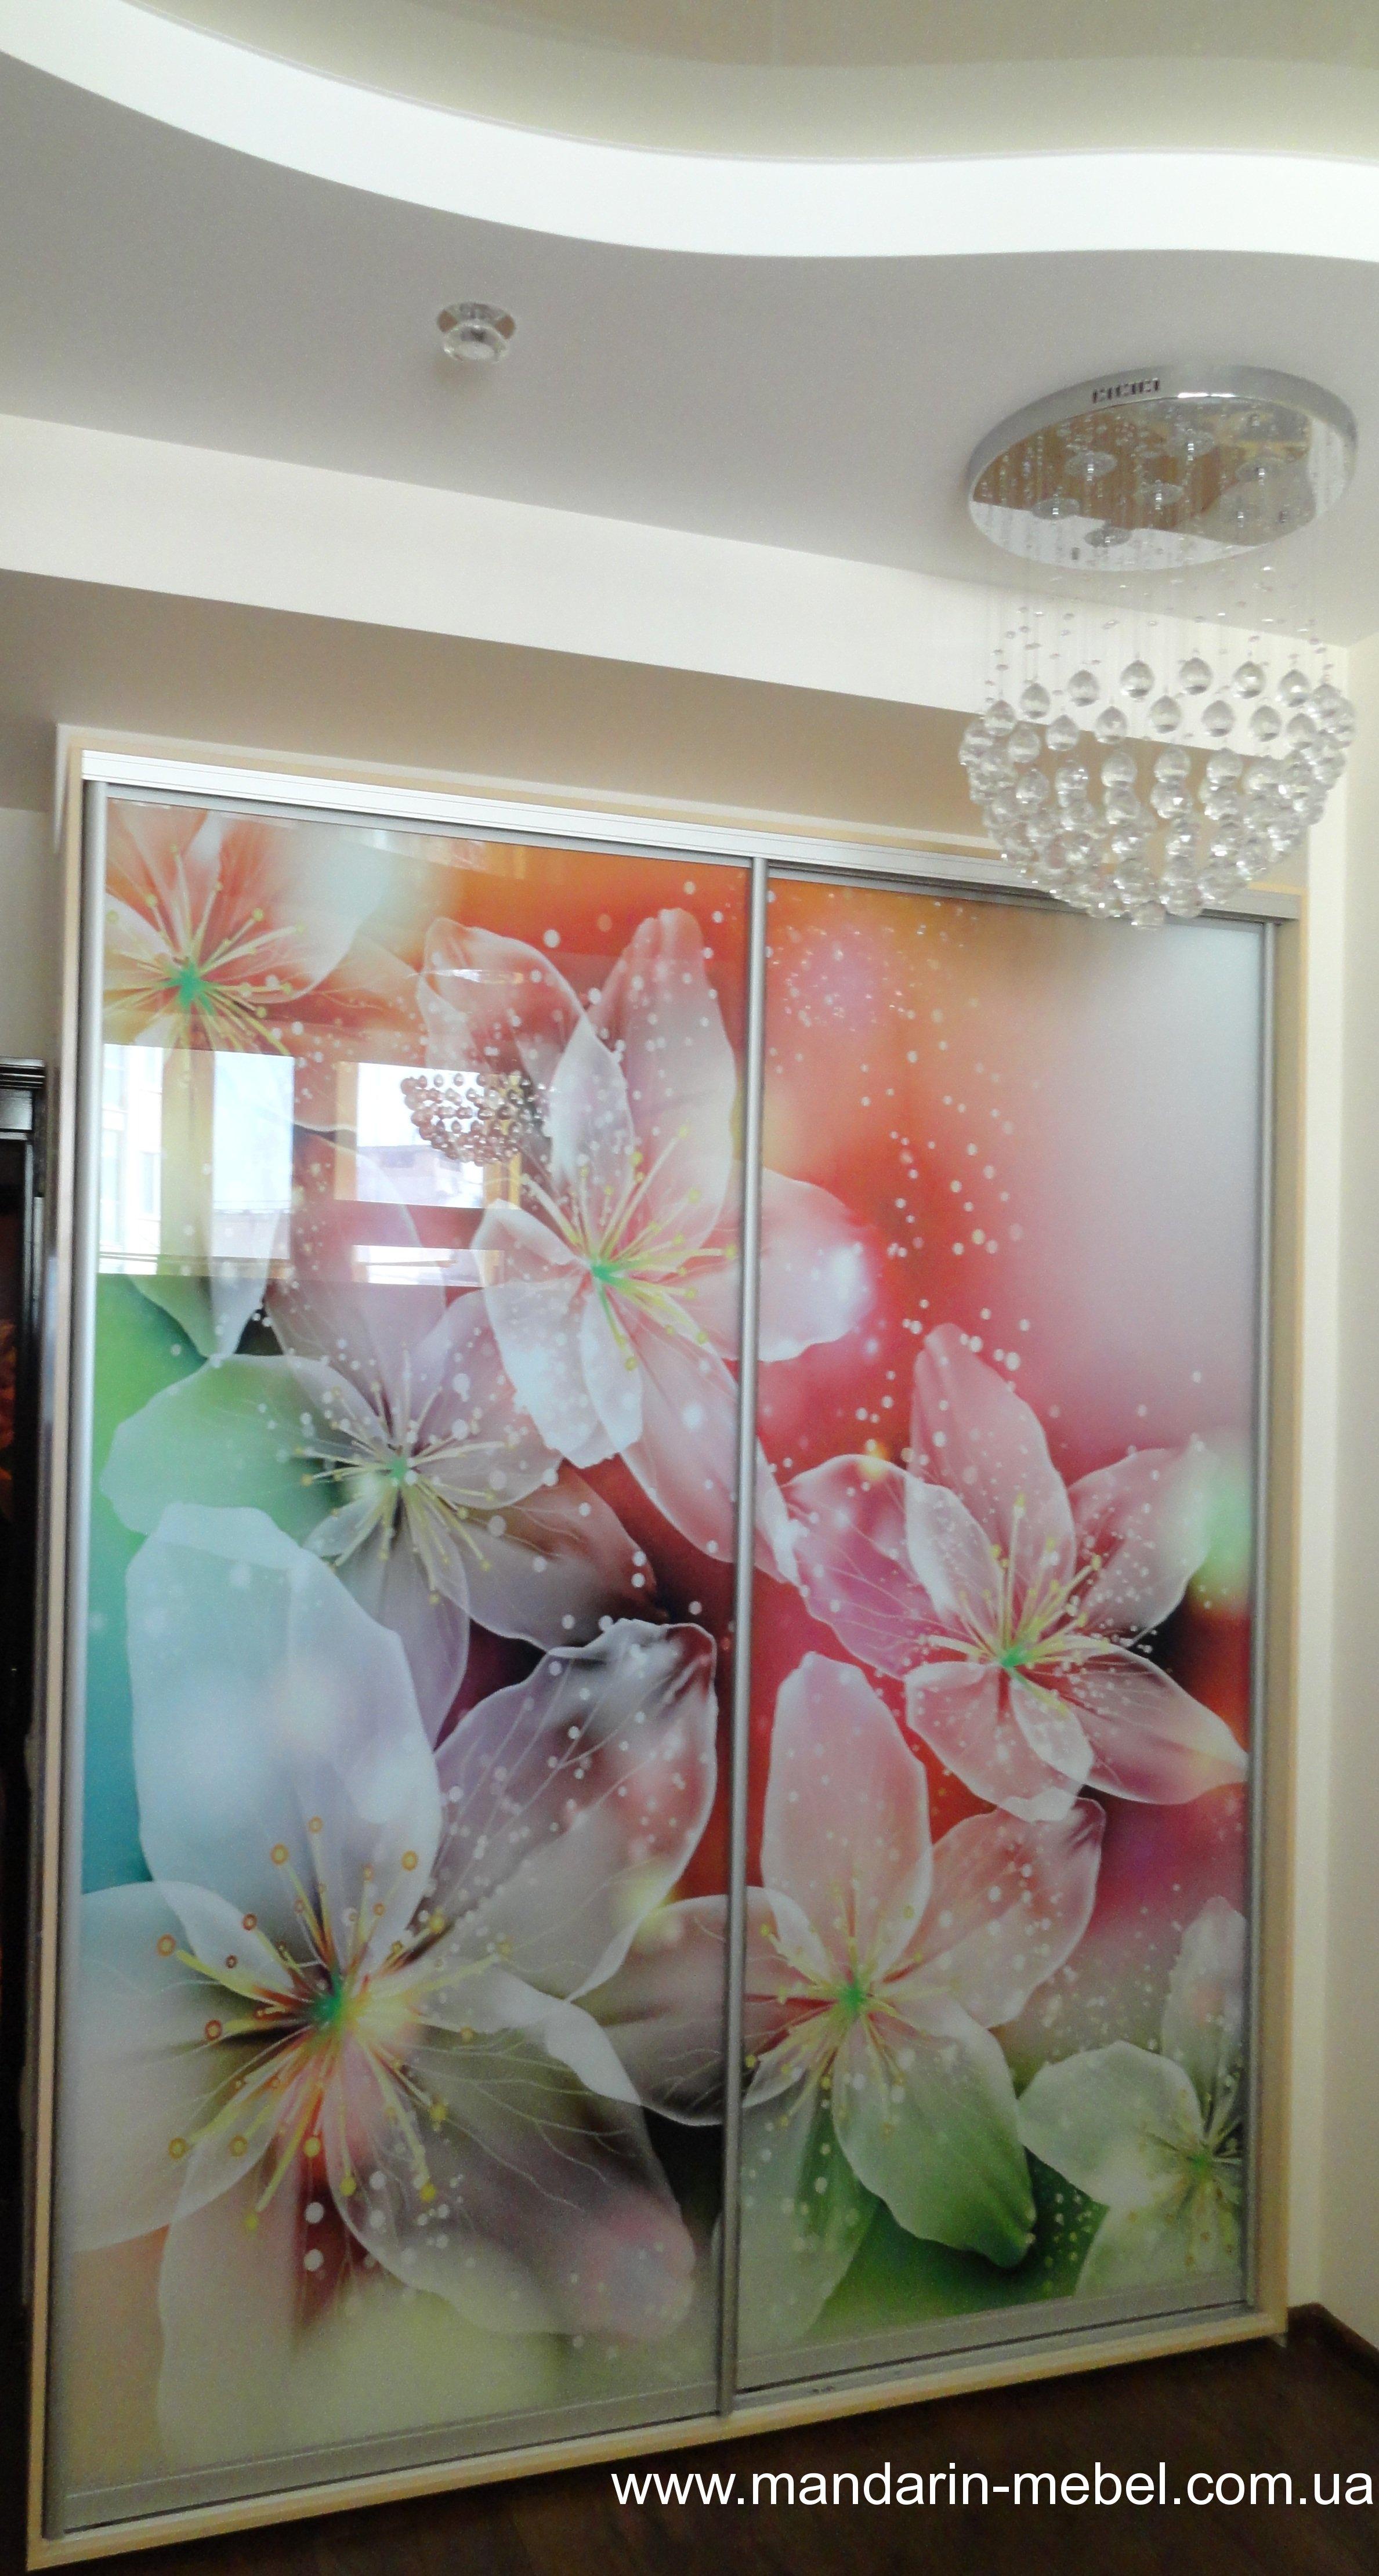 шкаф купе фотопечать цветы купить в одессе описание цена фото